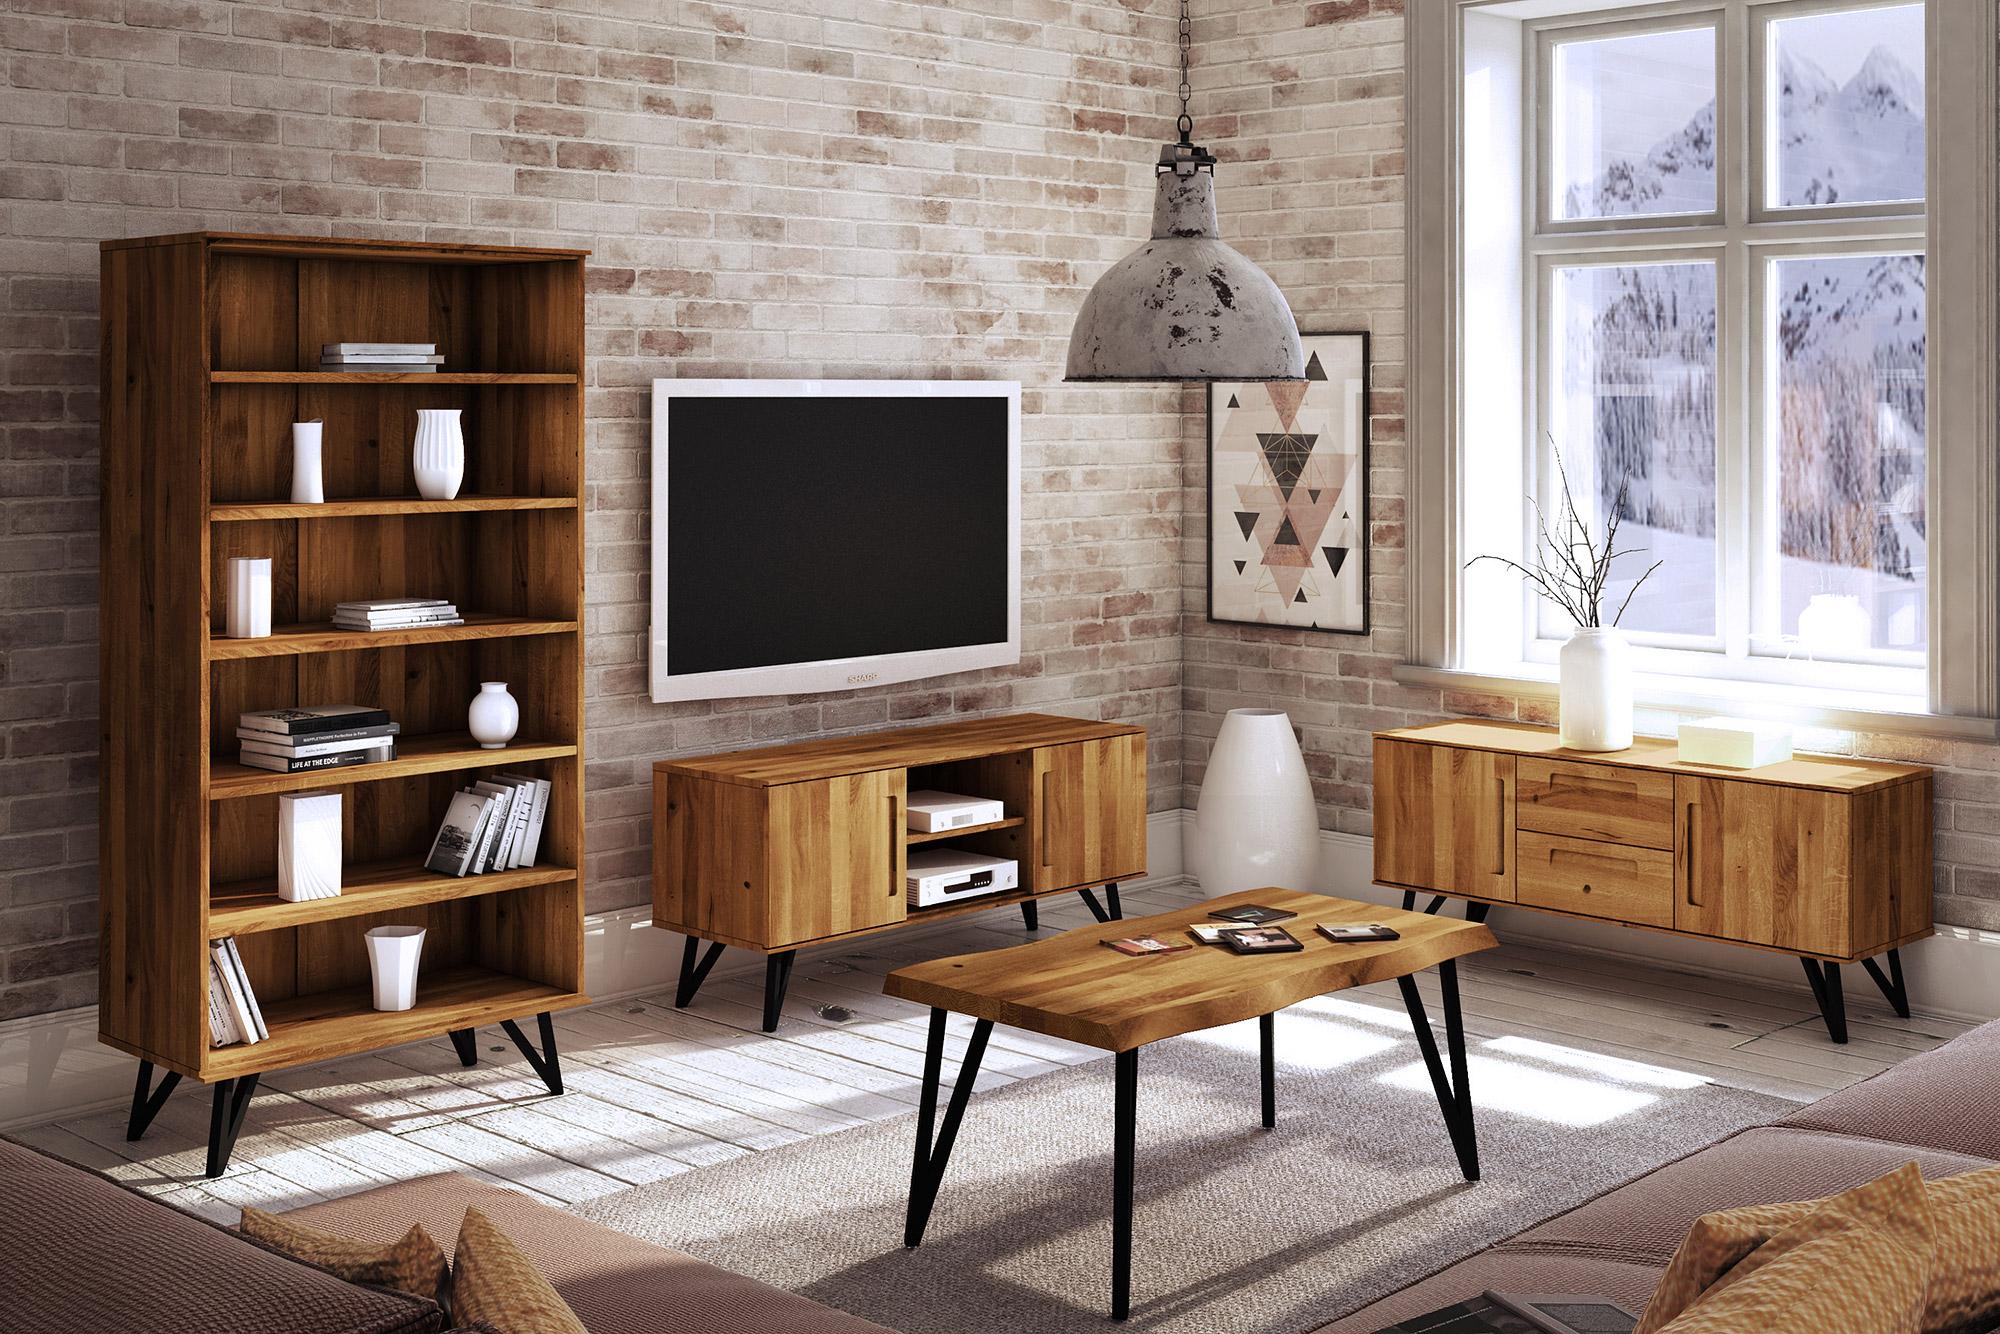 Zdjęcie 2 - GOLO - Kolekcja mebli do salonu z drewna litego